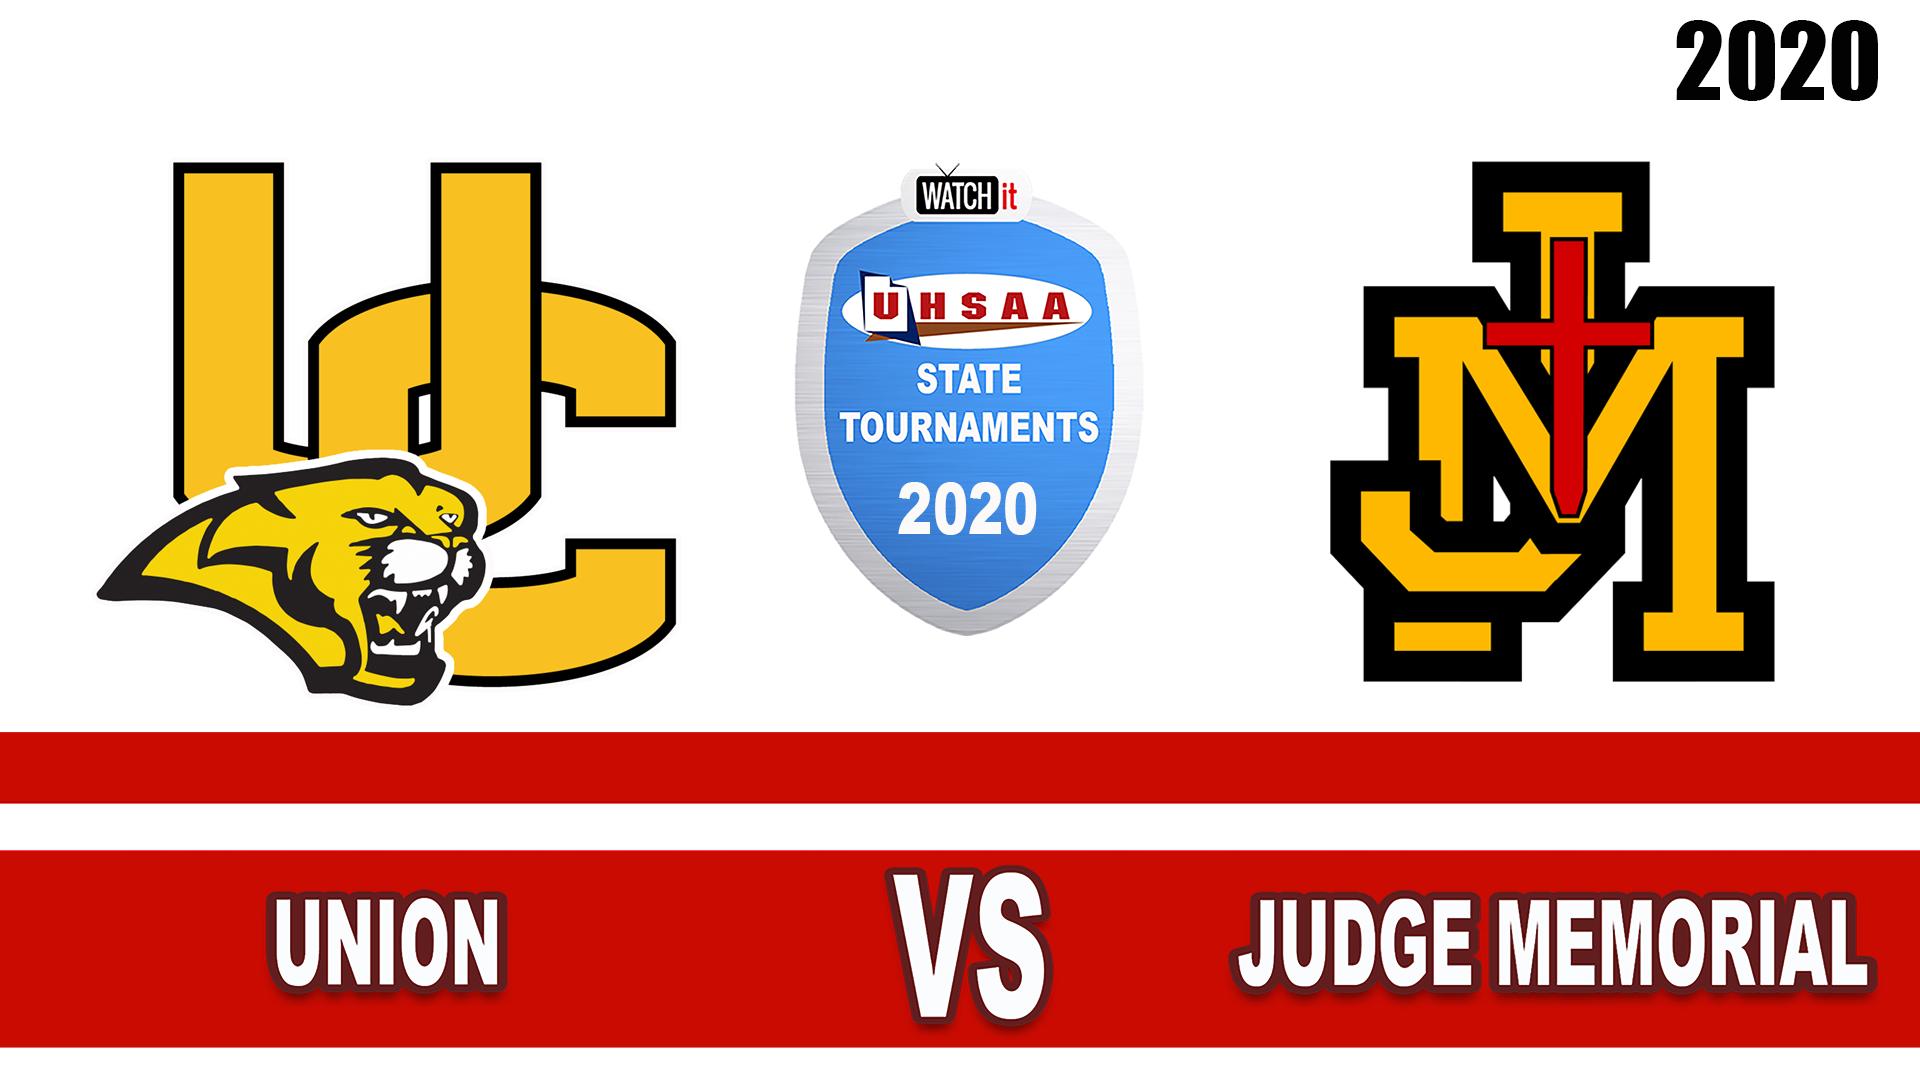 Union vs Judge Memorial